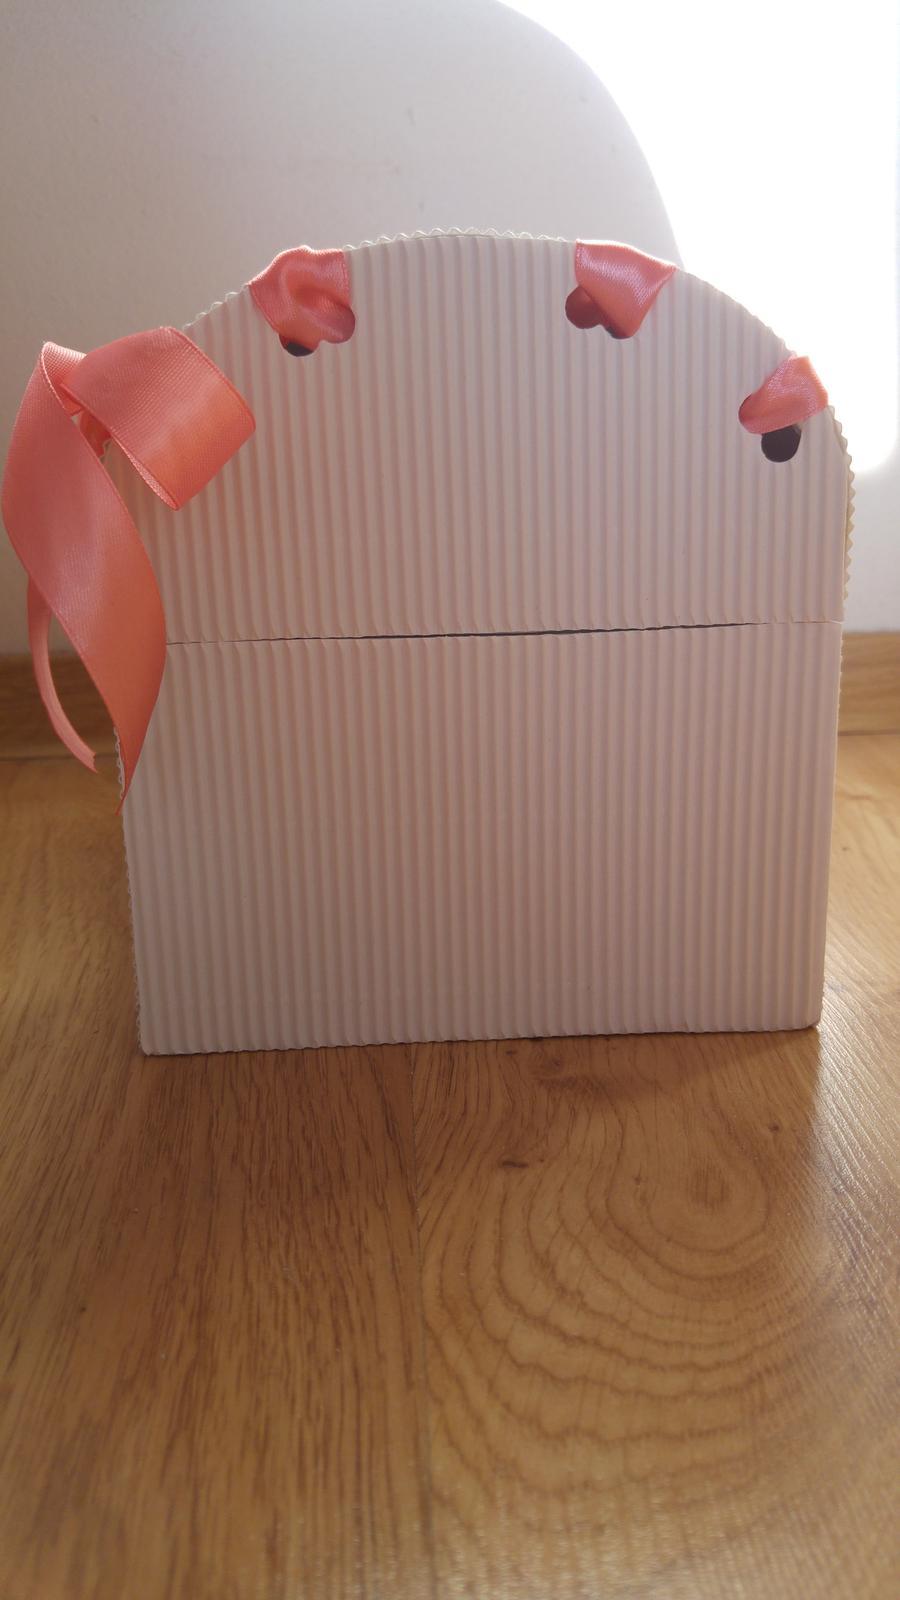 Svadobna pokladnicka s maslickami - Obrázok č. 3